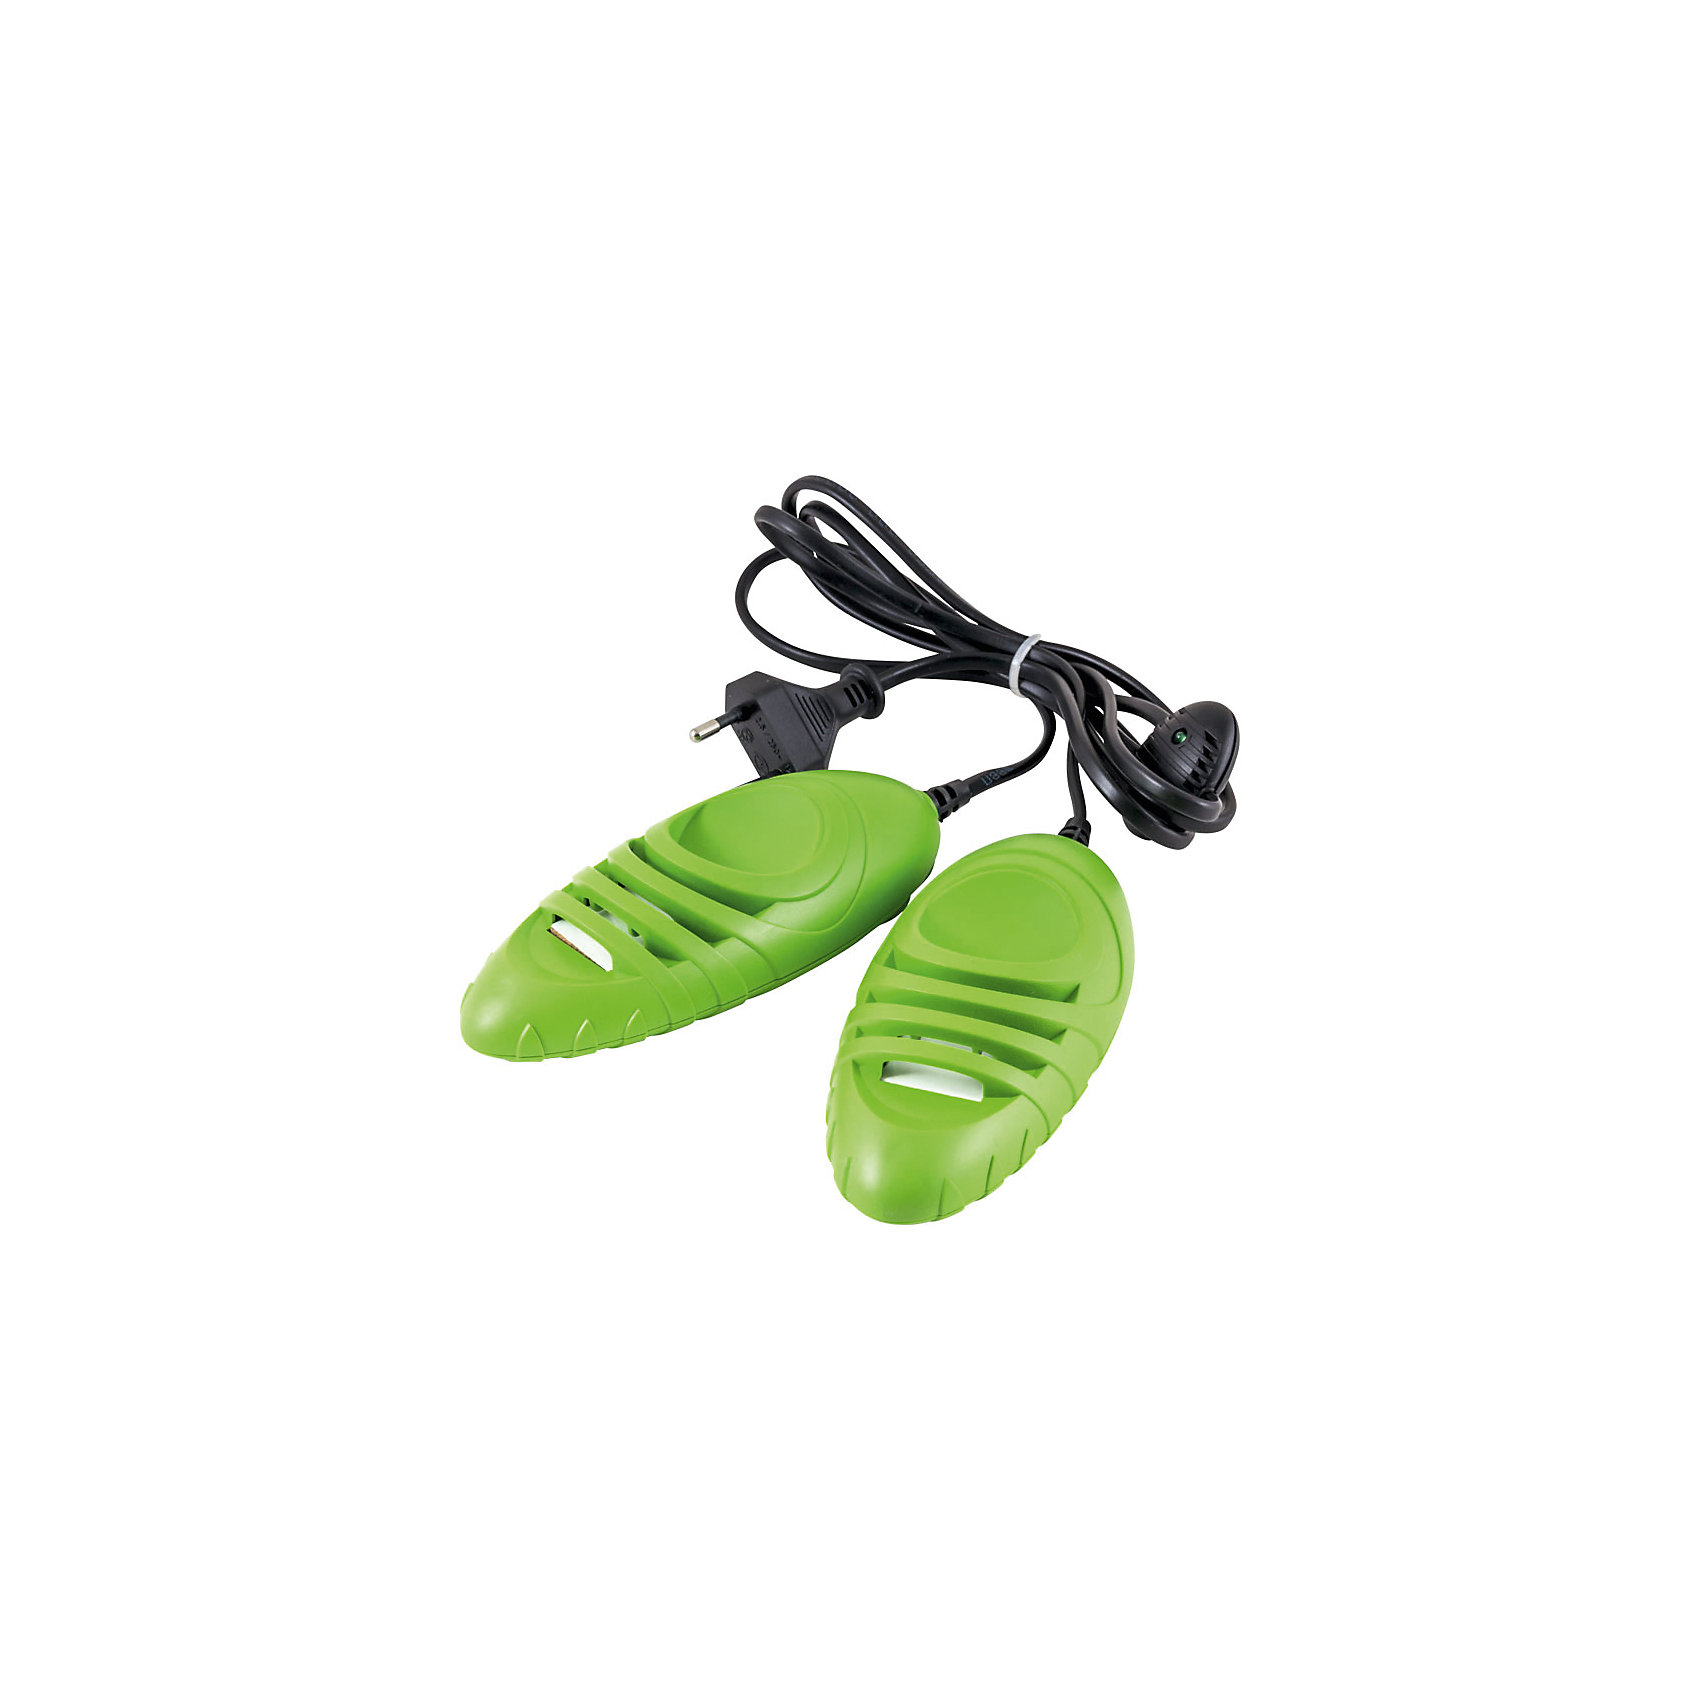 Сушилка для обуви «Комфорт Люкс», КомфортПросушить обувь и привести ее в порядок поможет сушилка для обуви «Комфорт Люкс». «Следы» помещаются внутрь ботинок, сапог, туфель или кроссовок, вилка включается в розетку, оставляют внутри обуви до полного ее высыхания.<br><br>Дополнительная информация:<br><br>Размер: 23х10 см<br><br>Потребляемая мощность: 10Вт<br>Температура при сушке: 40-60C<br>Длина шнура: 1,5м<br><br>Комплектация набора:<br>• сушилка для обуви;<br>• 6 аромо-антисептических пластин;<br>• инструкция.<br><br>Сушилку для обуви «Комфорт Люкс», Комфорт можно купить в нашем интернет-магазине.<br><br>Ширина мм: 230<br>Глубина мм: 100<br>Высота мм: 50<br>Вес г: 230<br>Возраст от месяцев: 216<br>Возраст до месяцев: 1080<br>Пол: Унисекс<br>Возраст: Детский<br>SKU: 4989866